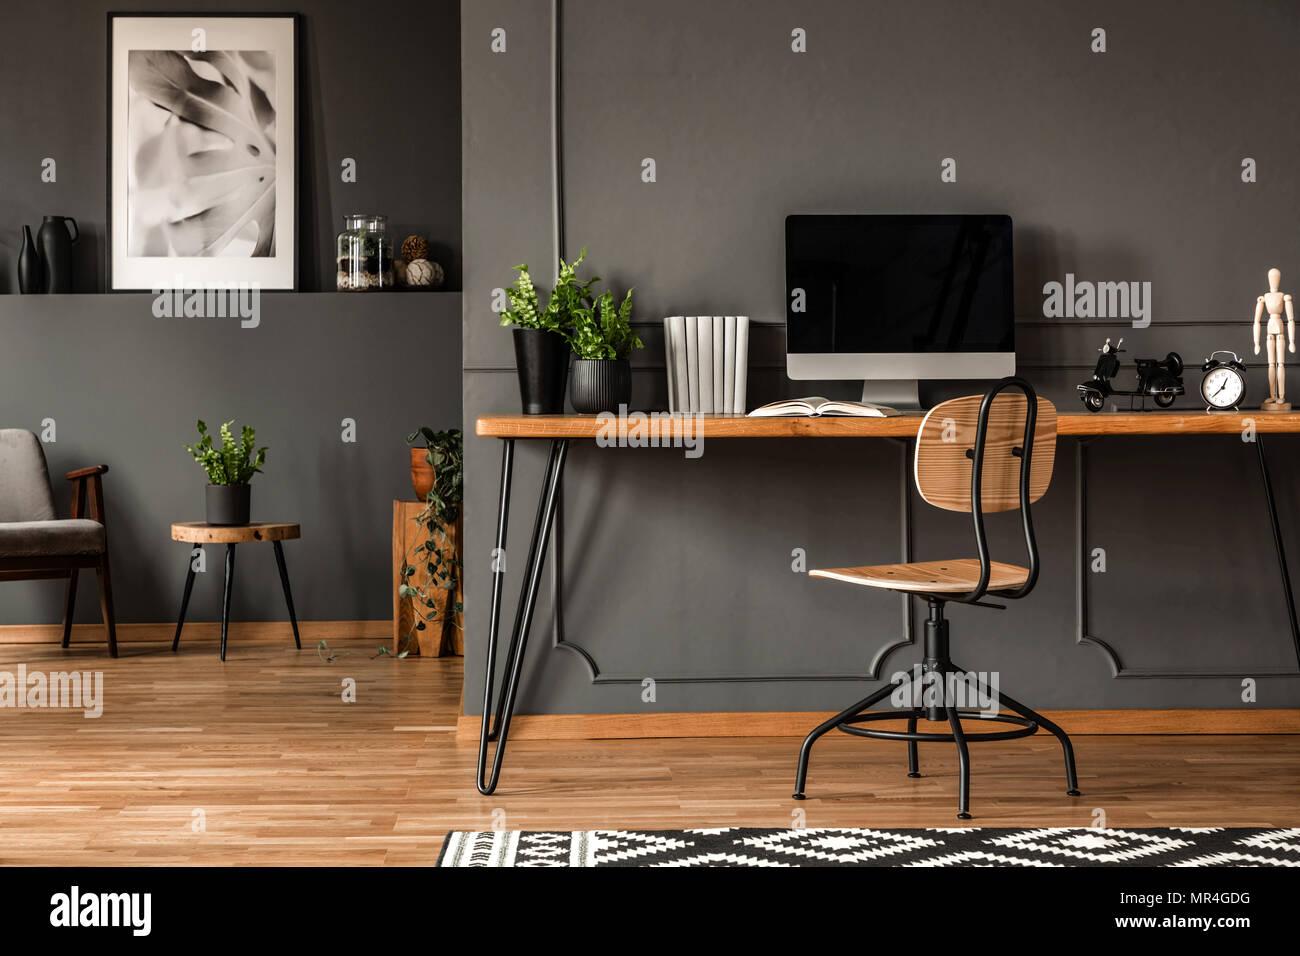 Foto real de un espacio abierto interior con paredes negras y moldeo. Área de trabajo con escritorio, silla y equipo en el primer plano y el salón con gris Imagen De Stock